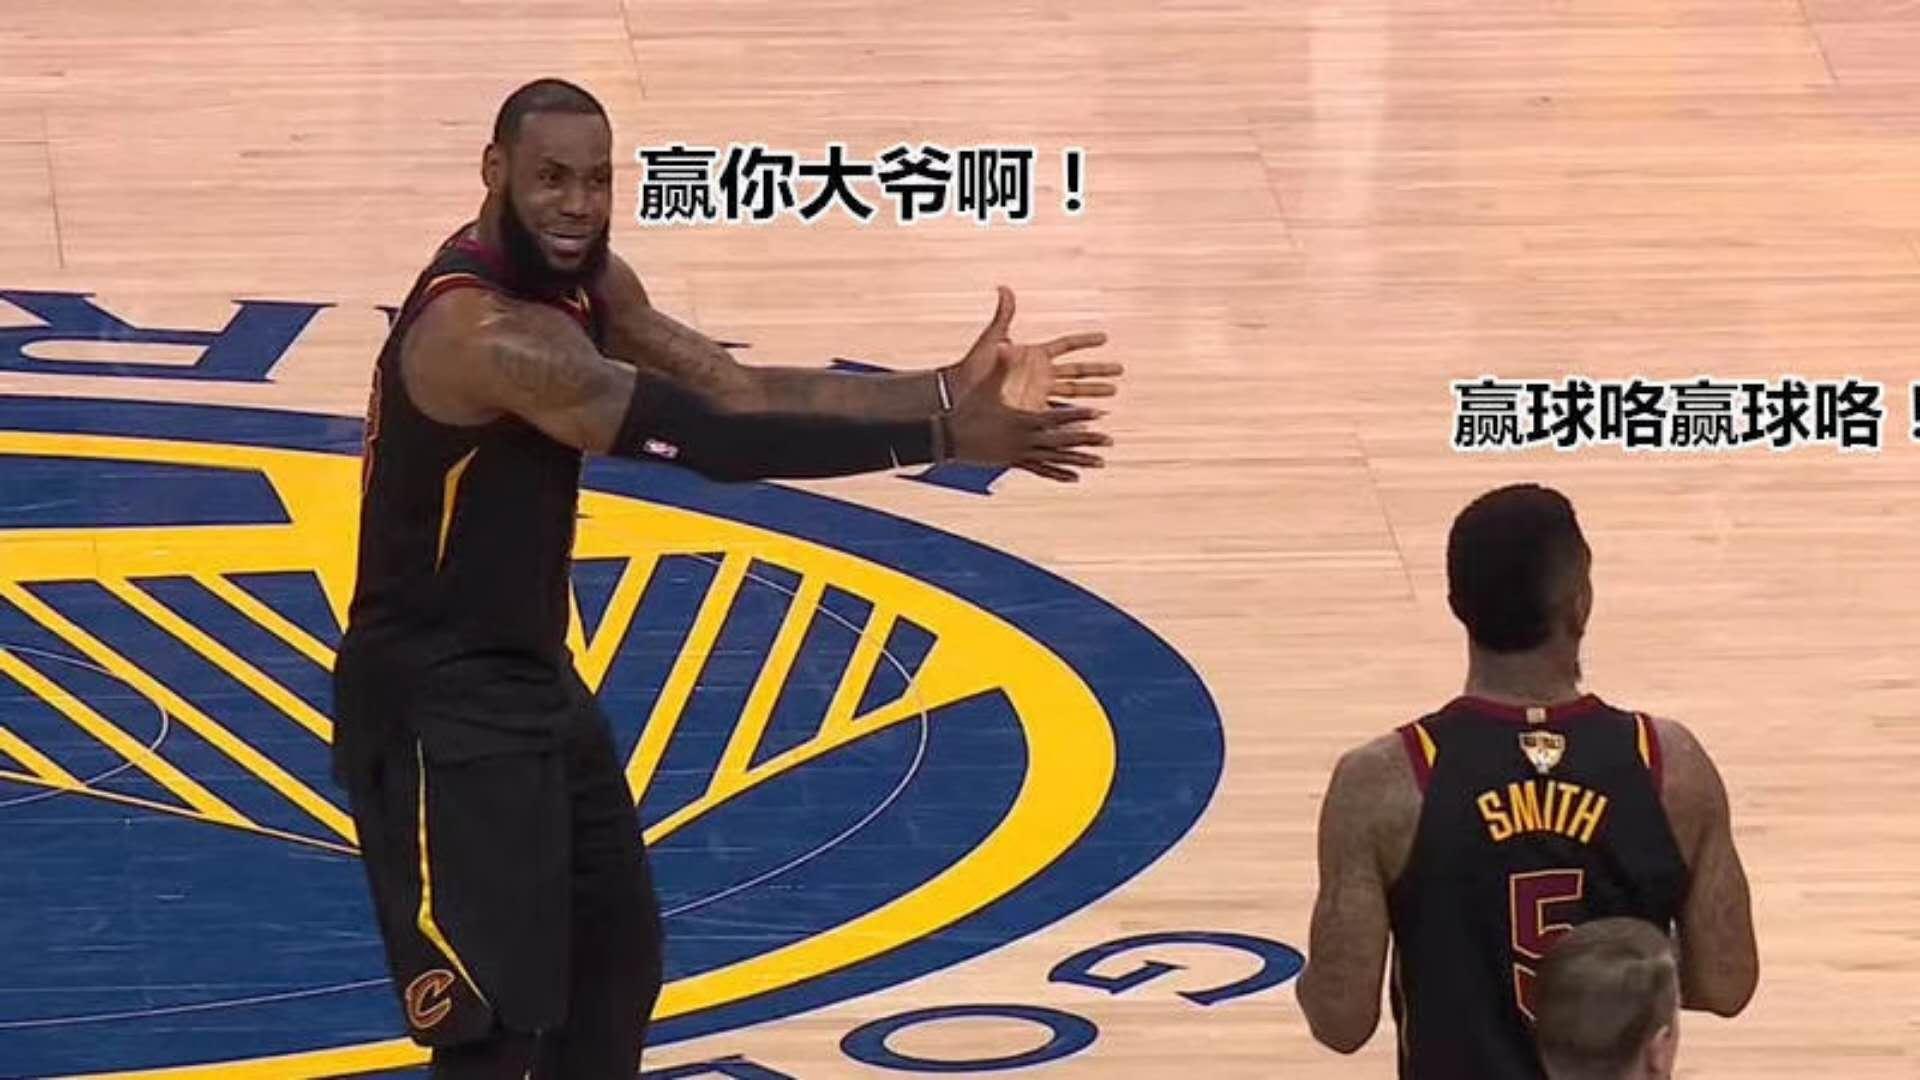 好端端的NBA总决赛 竟沦为了一场尴尬的甩锅大战